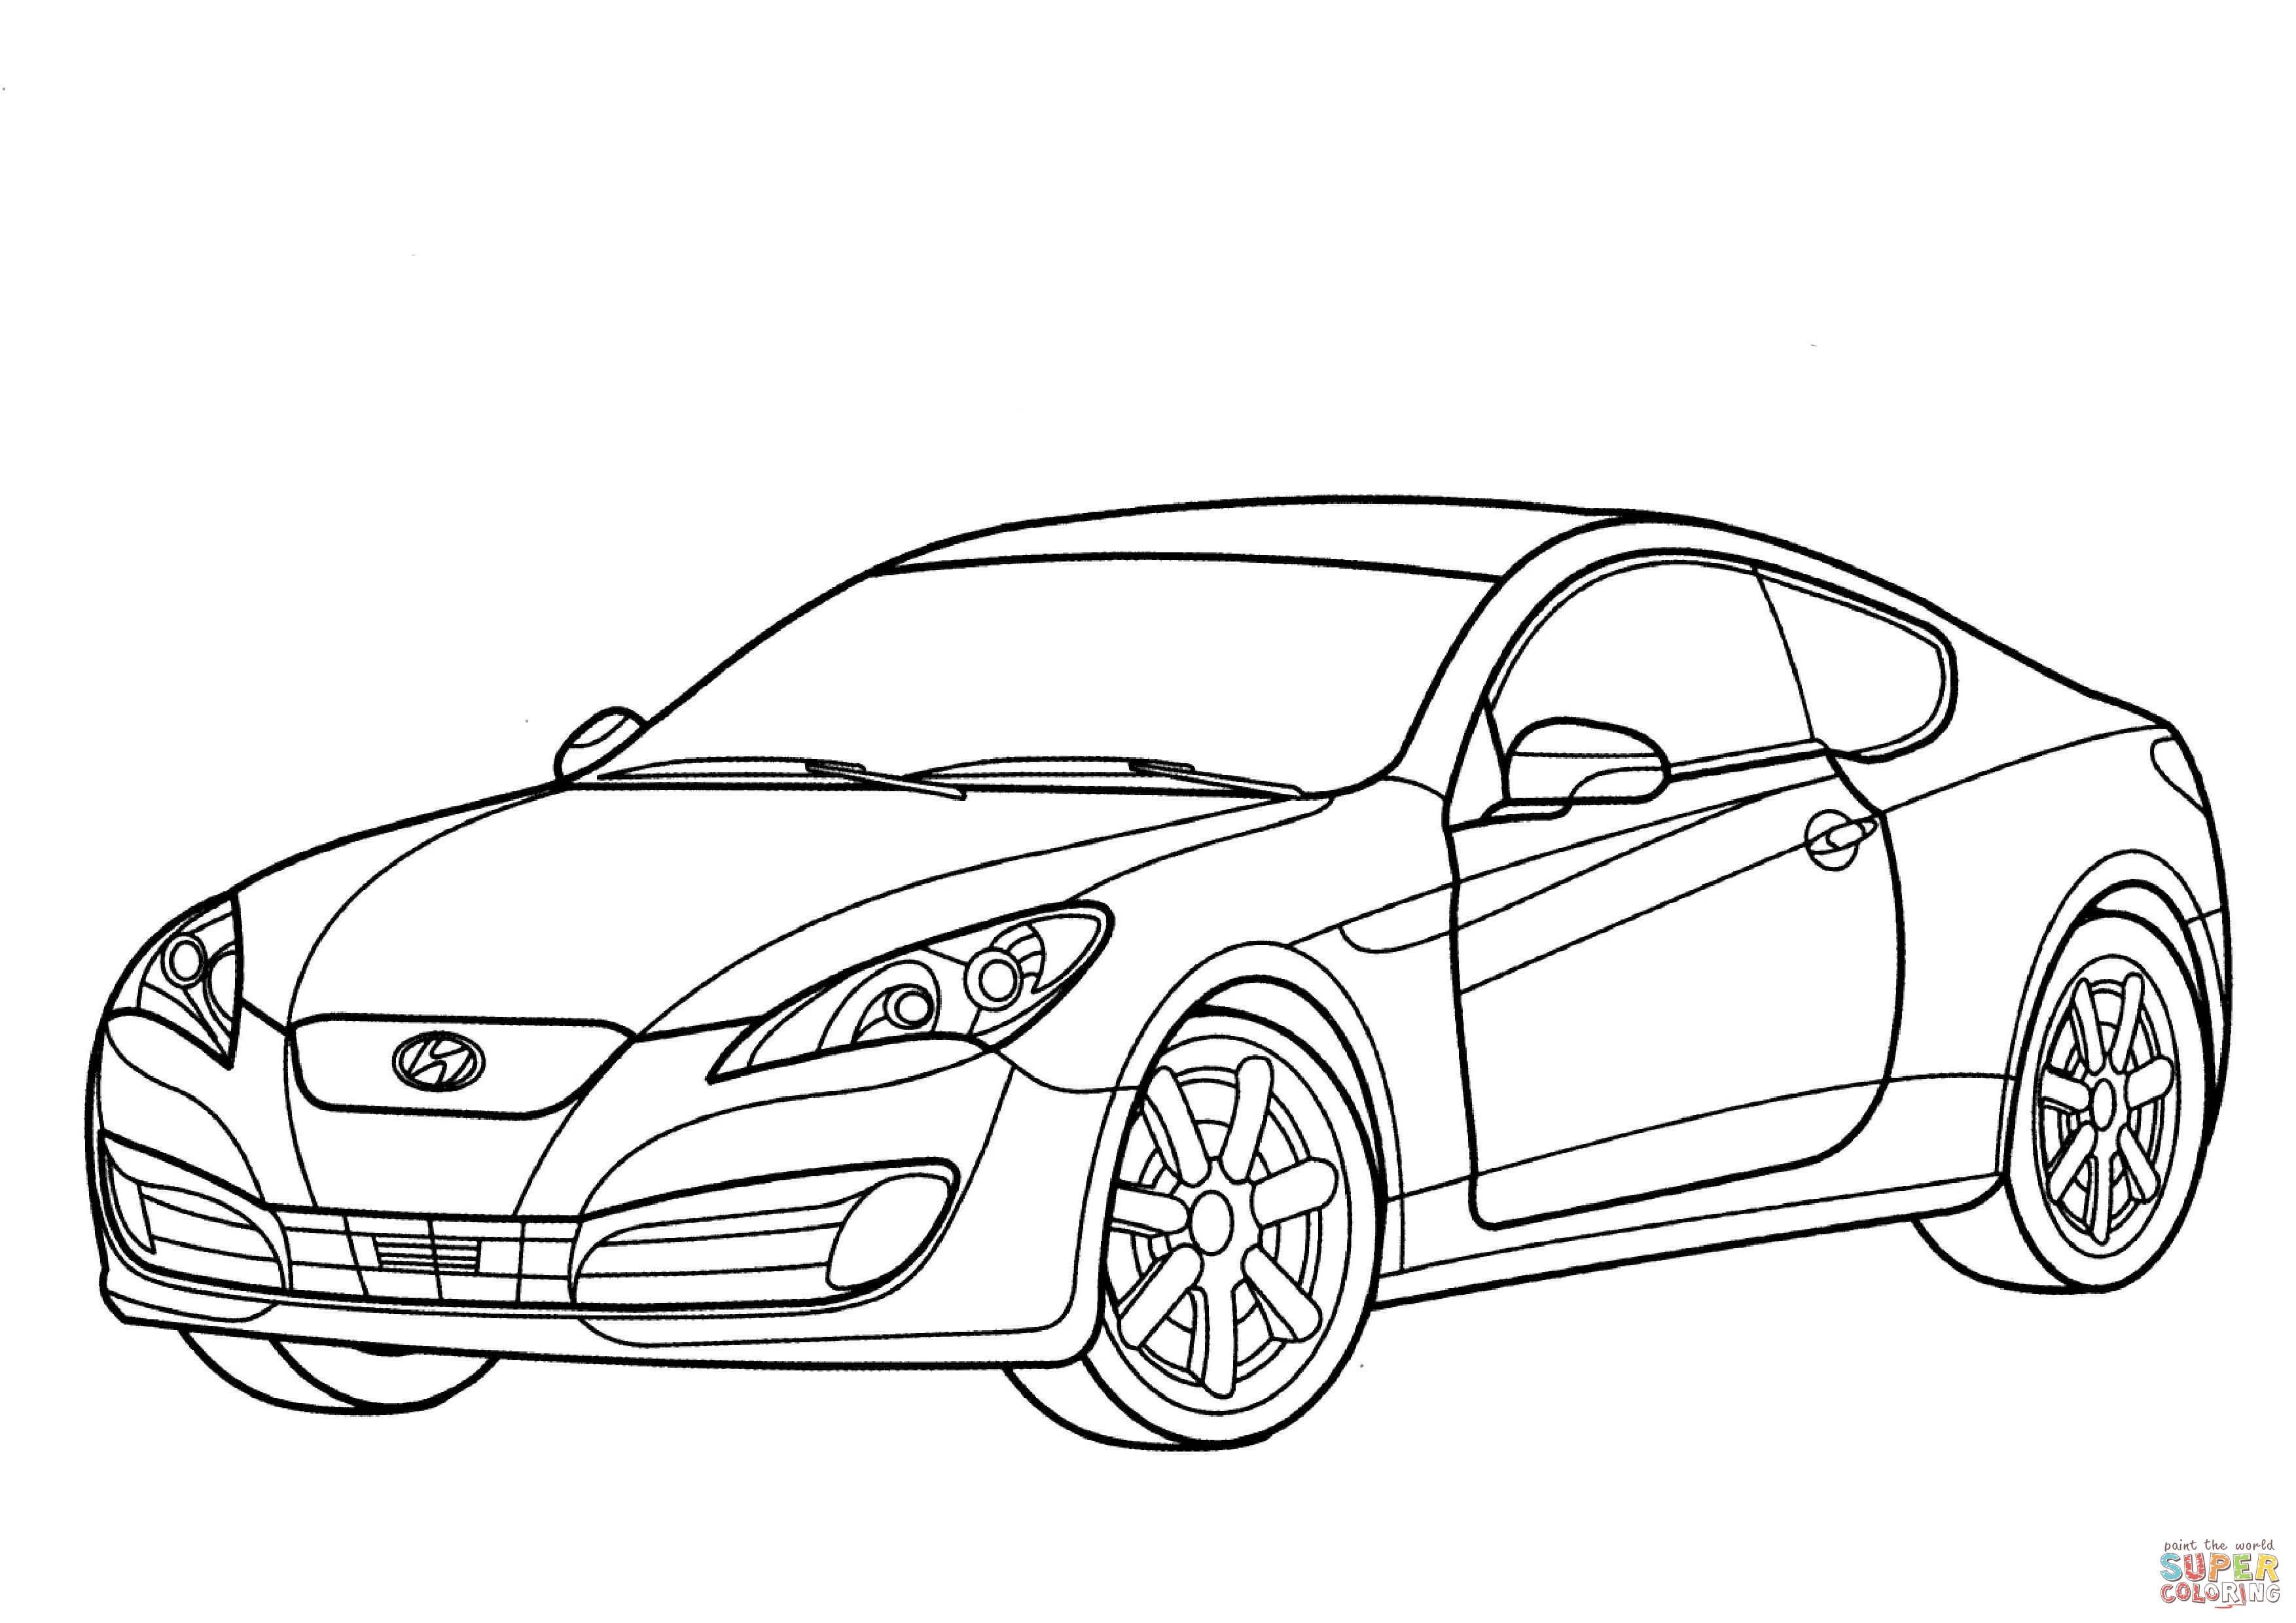 Luxury Car Drawing At Getdrawings